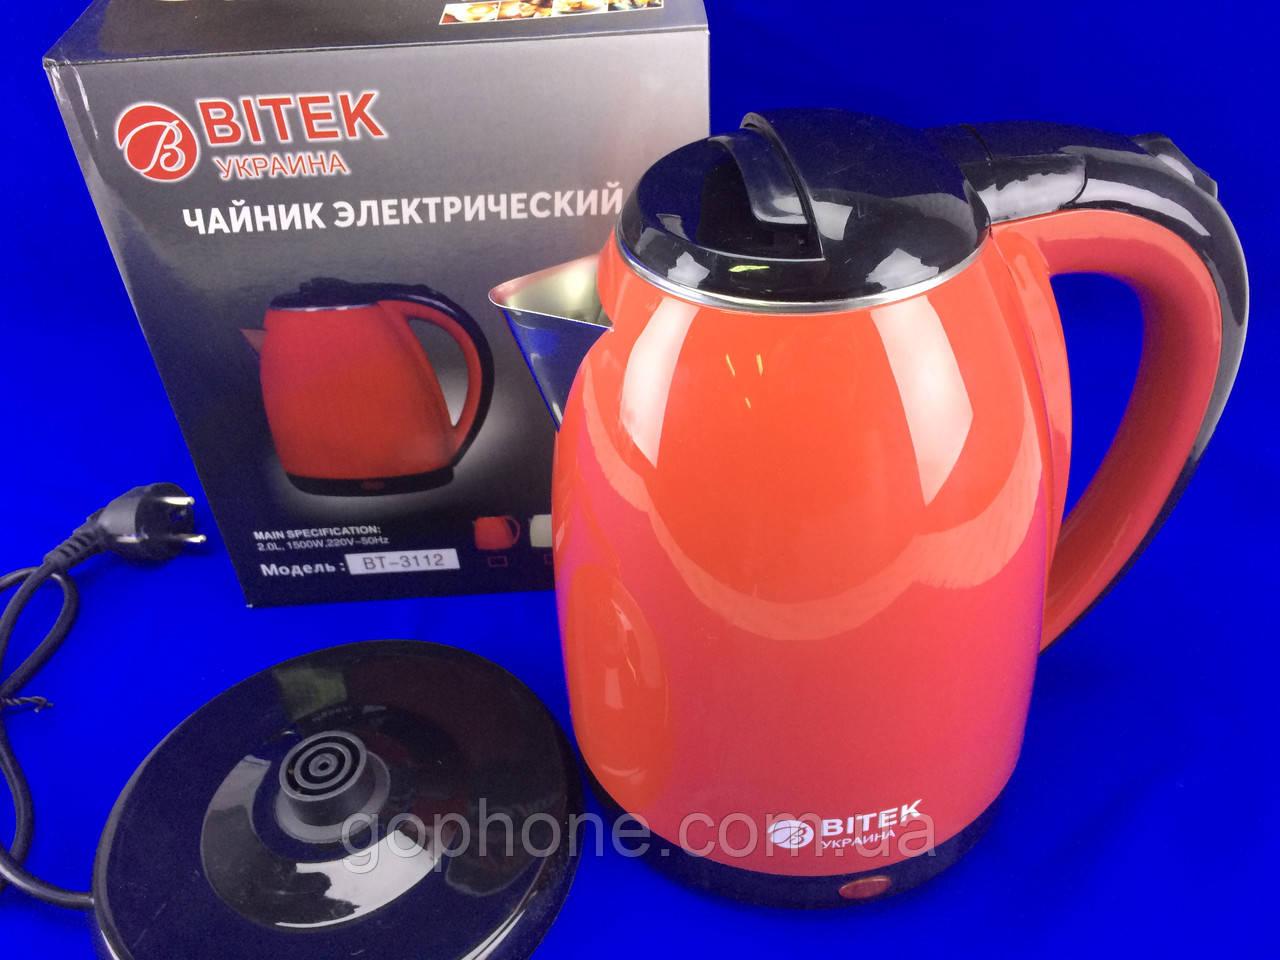 Электрочайник с нержавеющей стали BITEK BT-3112  2,0л  (1500В) Красный